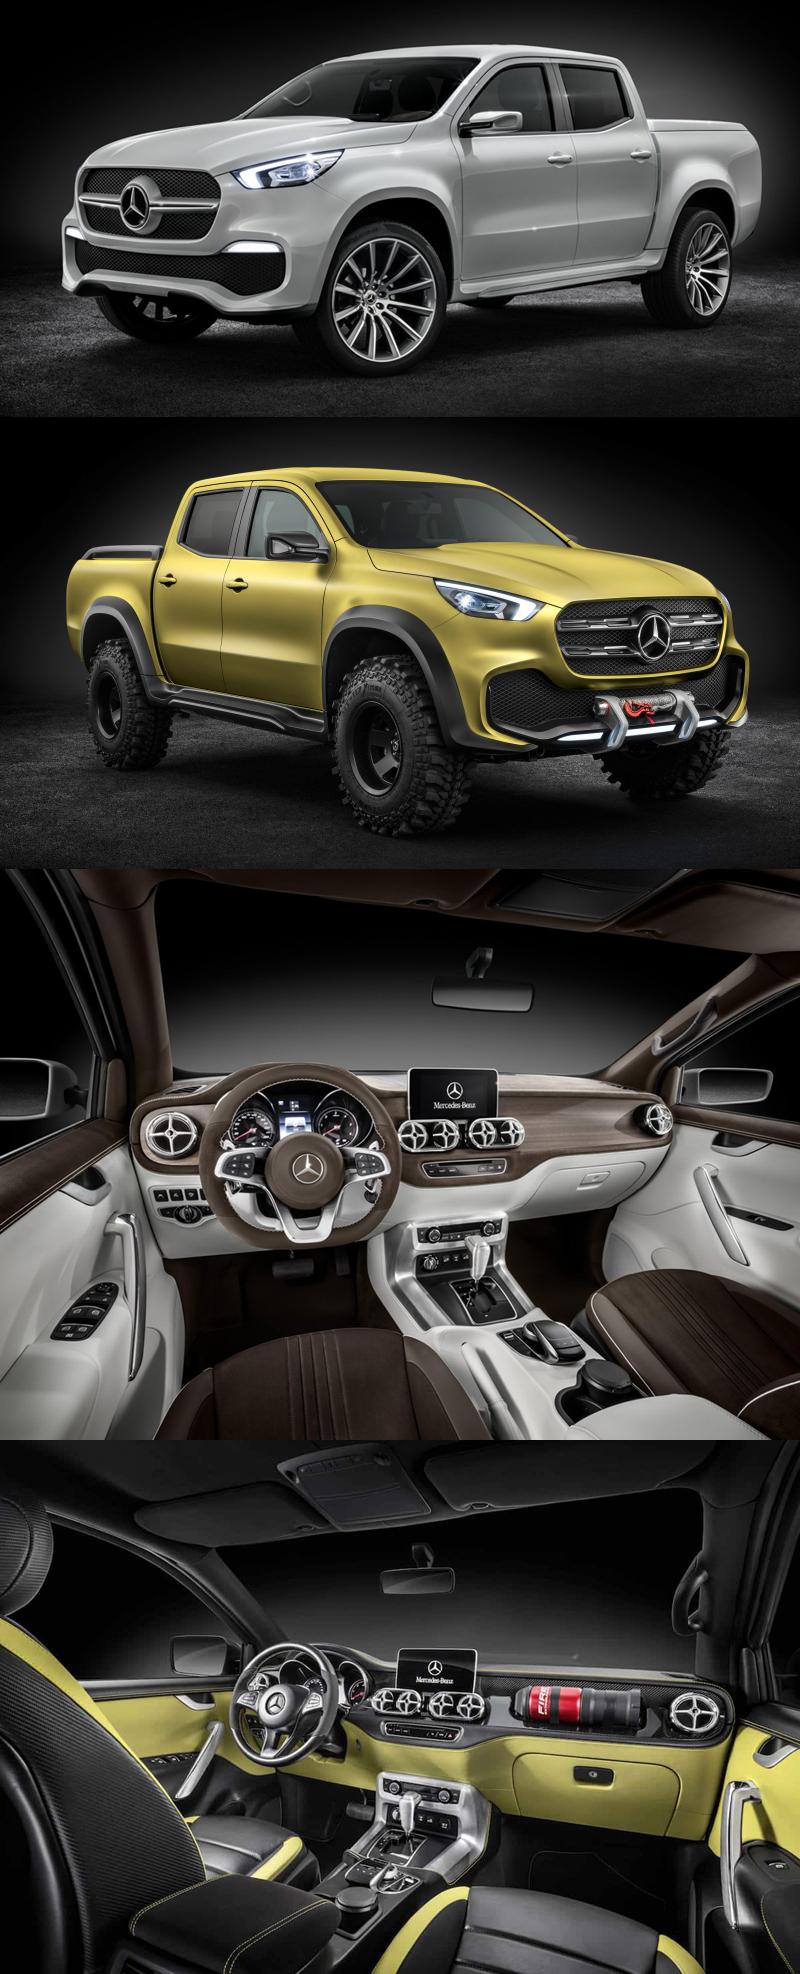 Mercedes_Benz_X_Class_2018